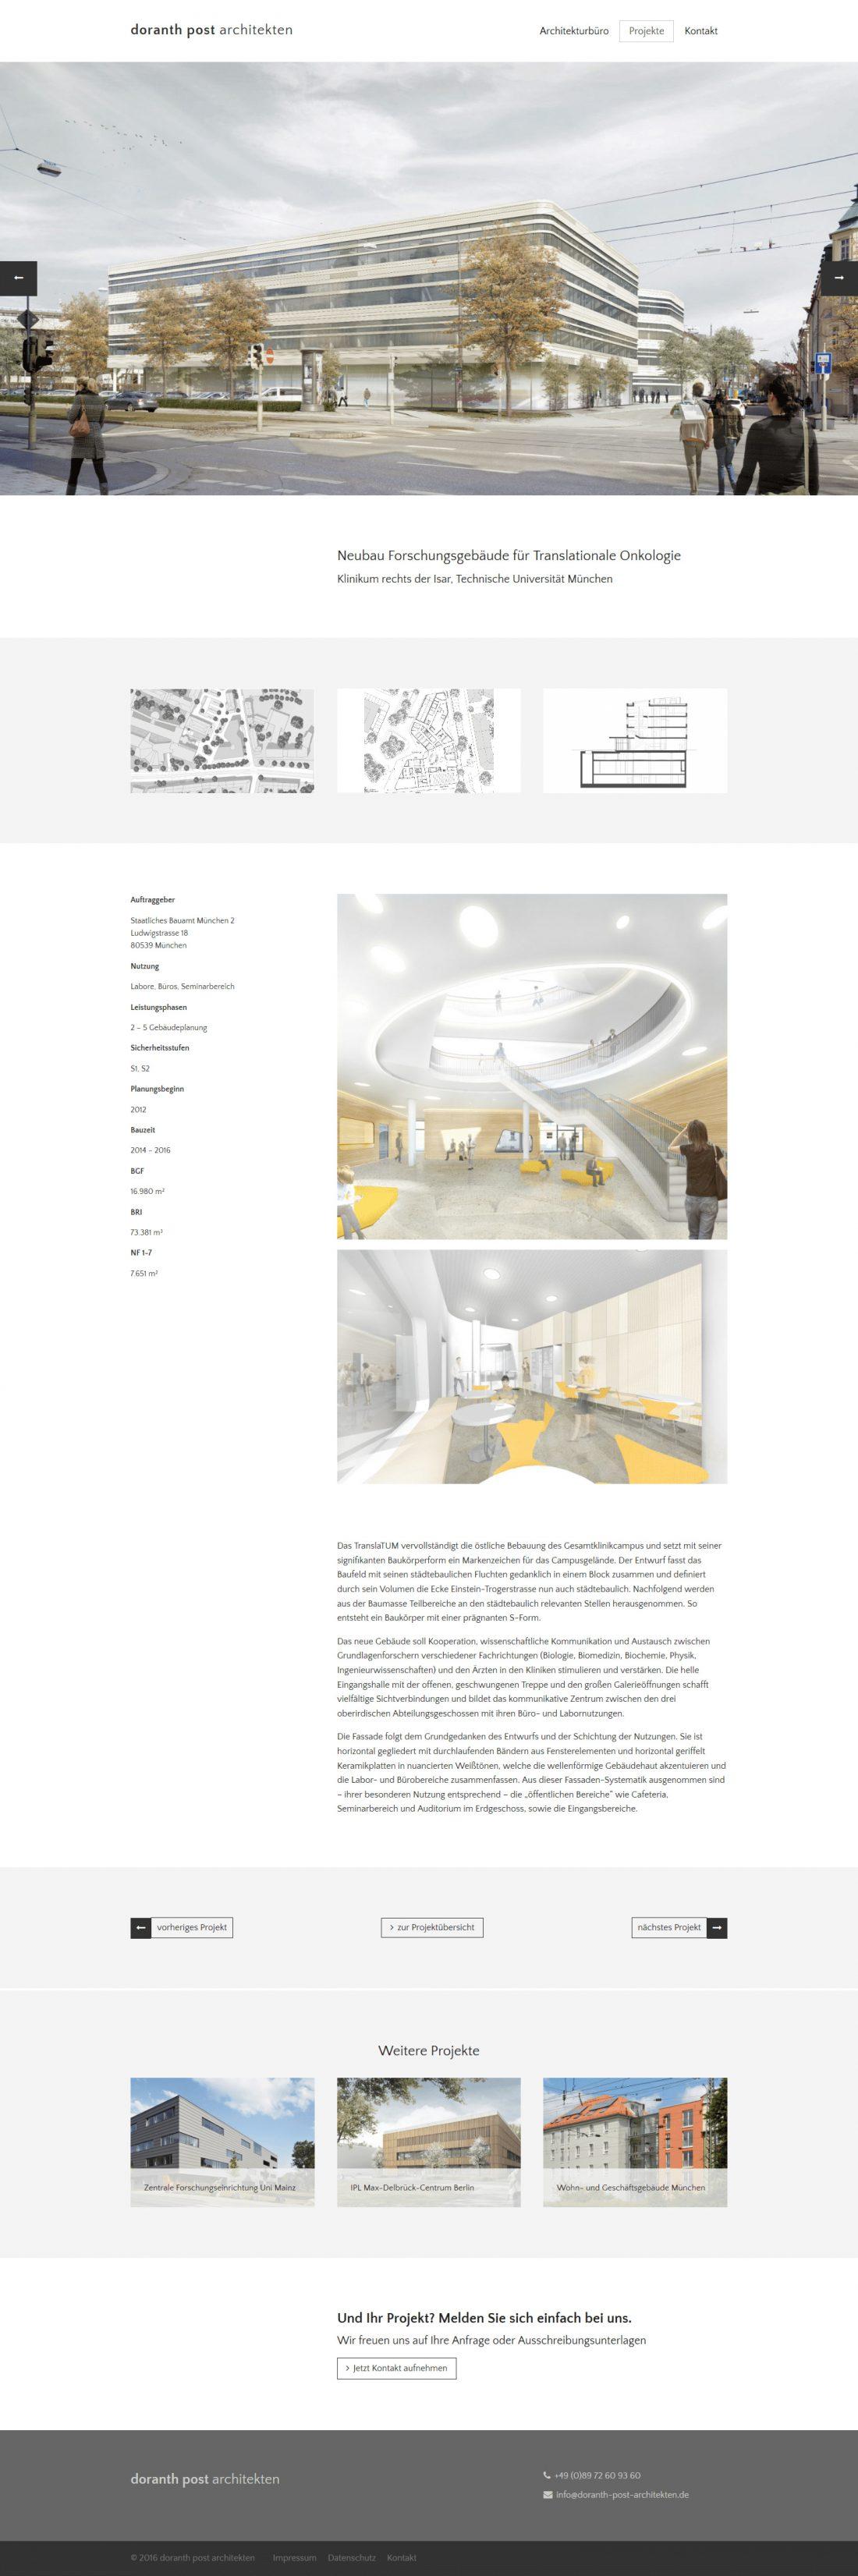 Screenshot Webseite Doranth Post Architekten